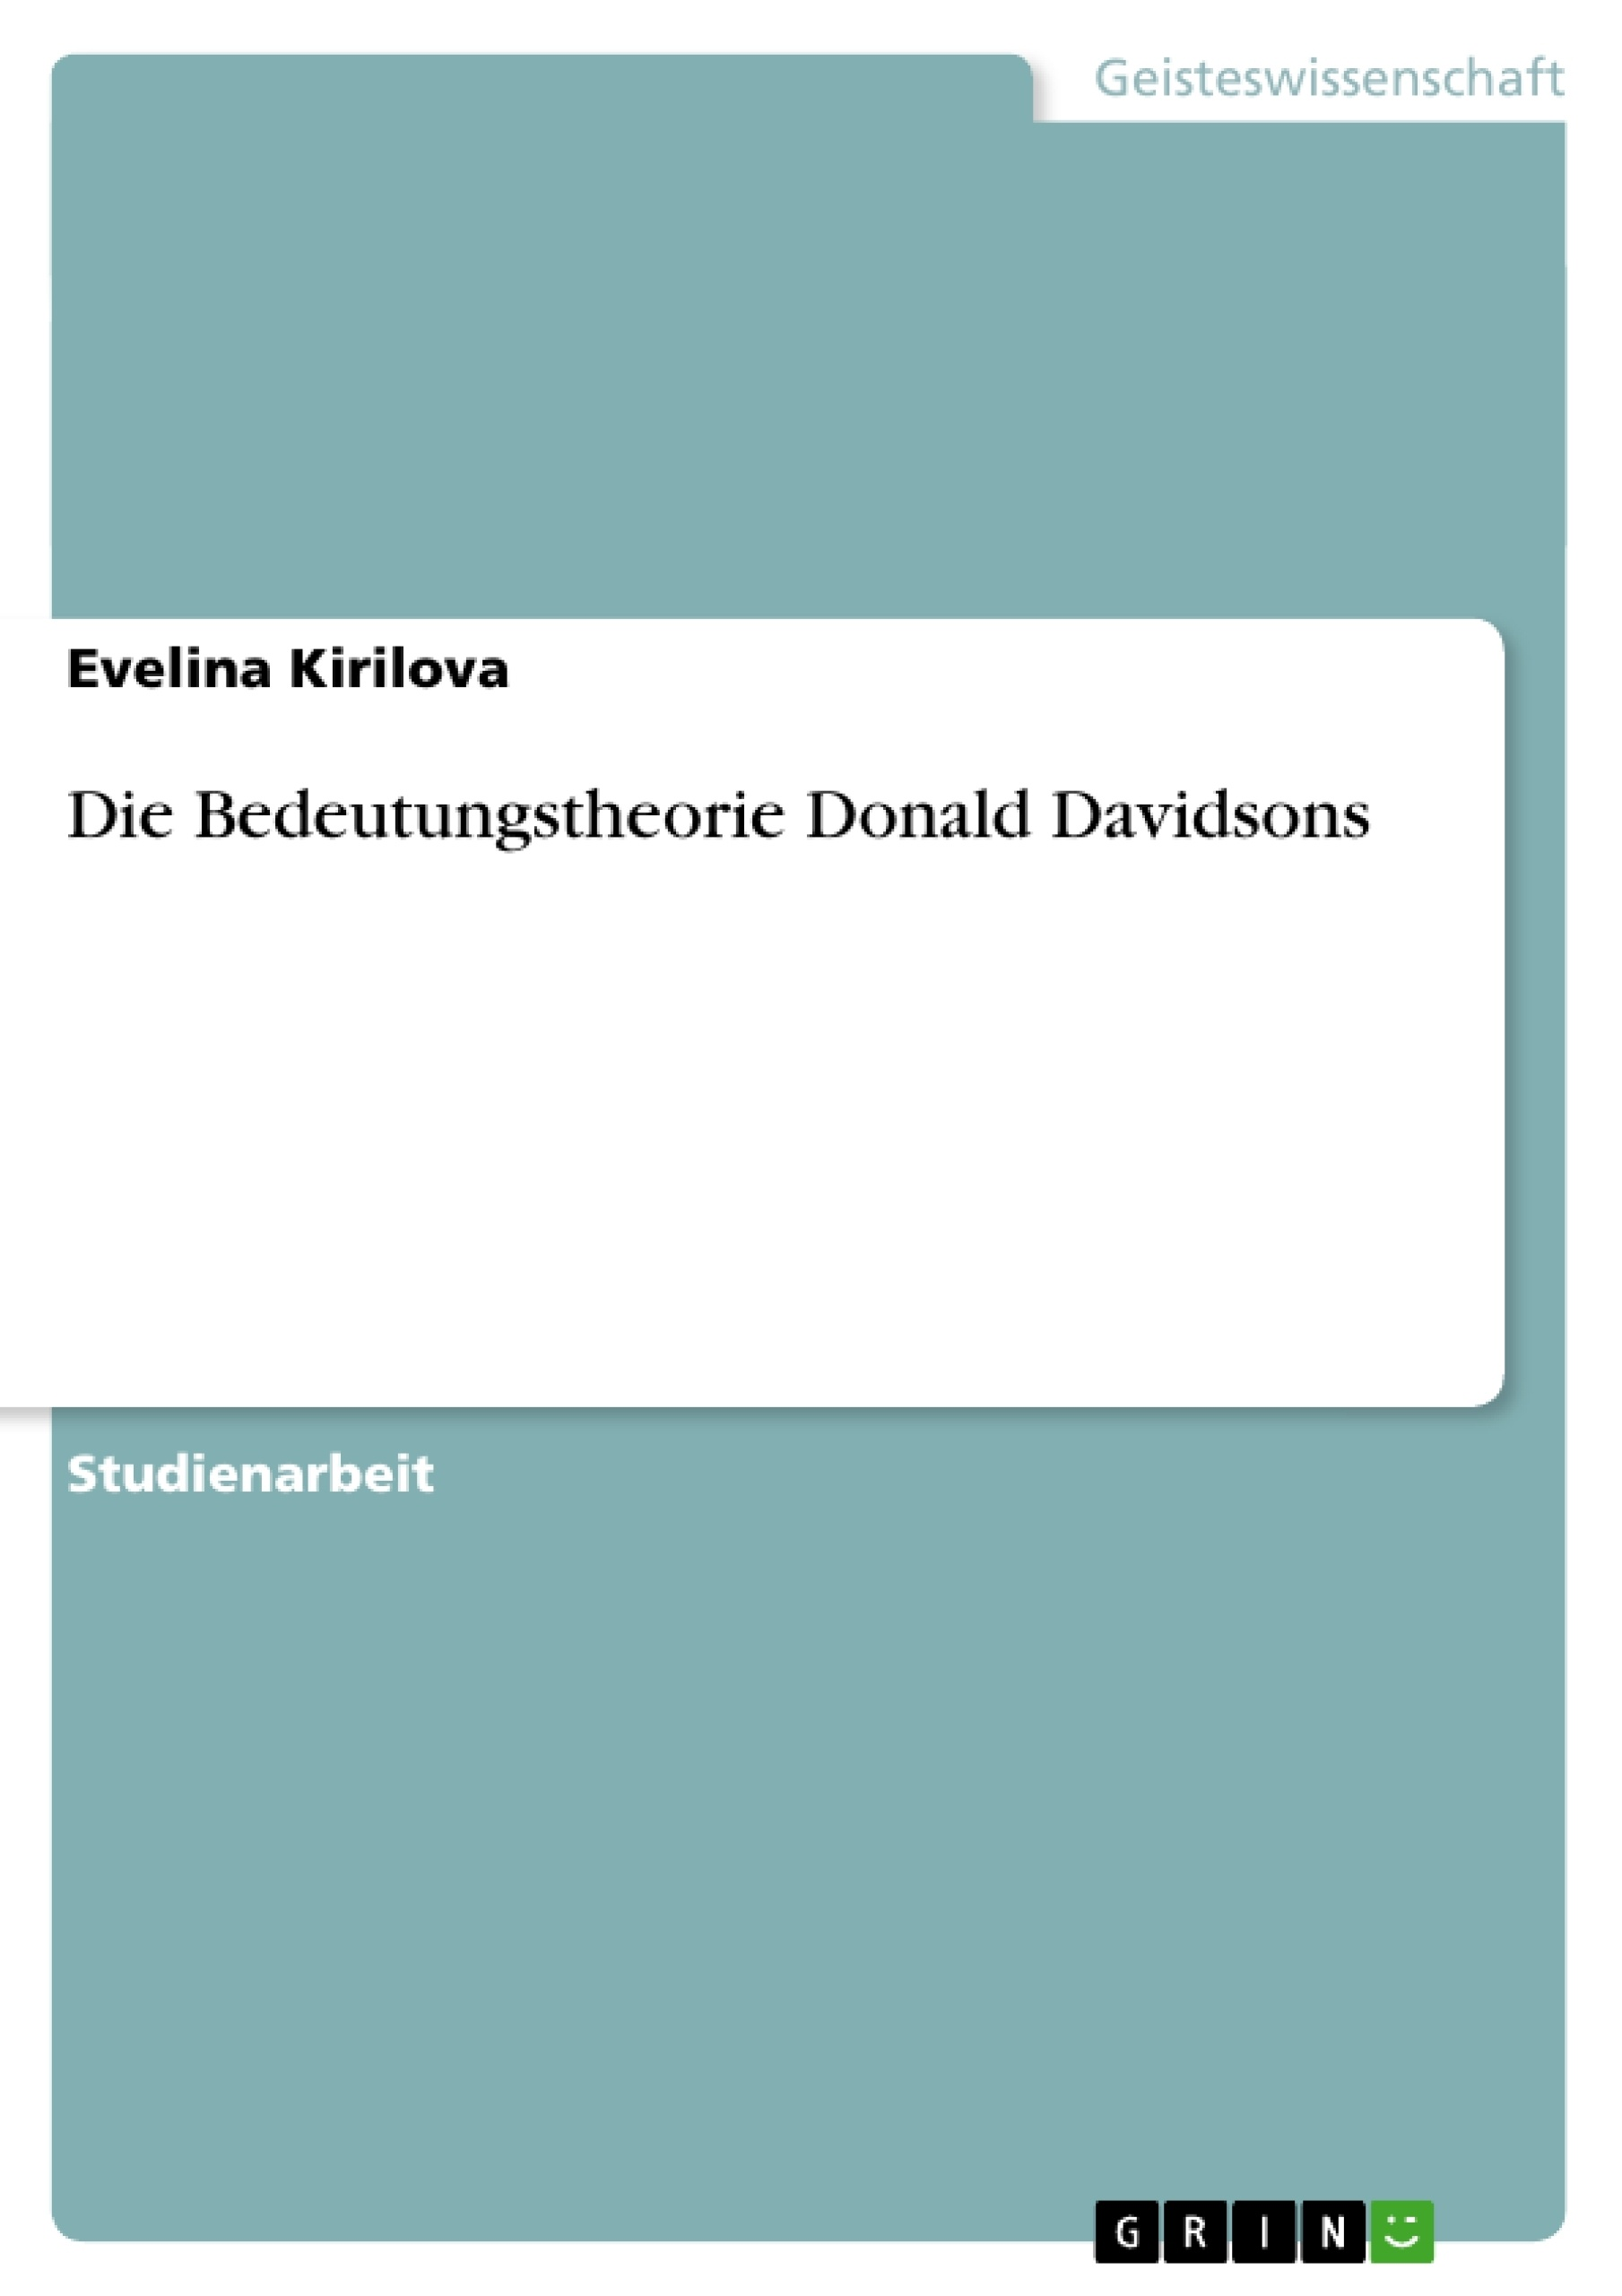 Titel: Die Bedeutungstheorie Donald Davidsons